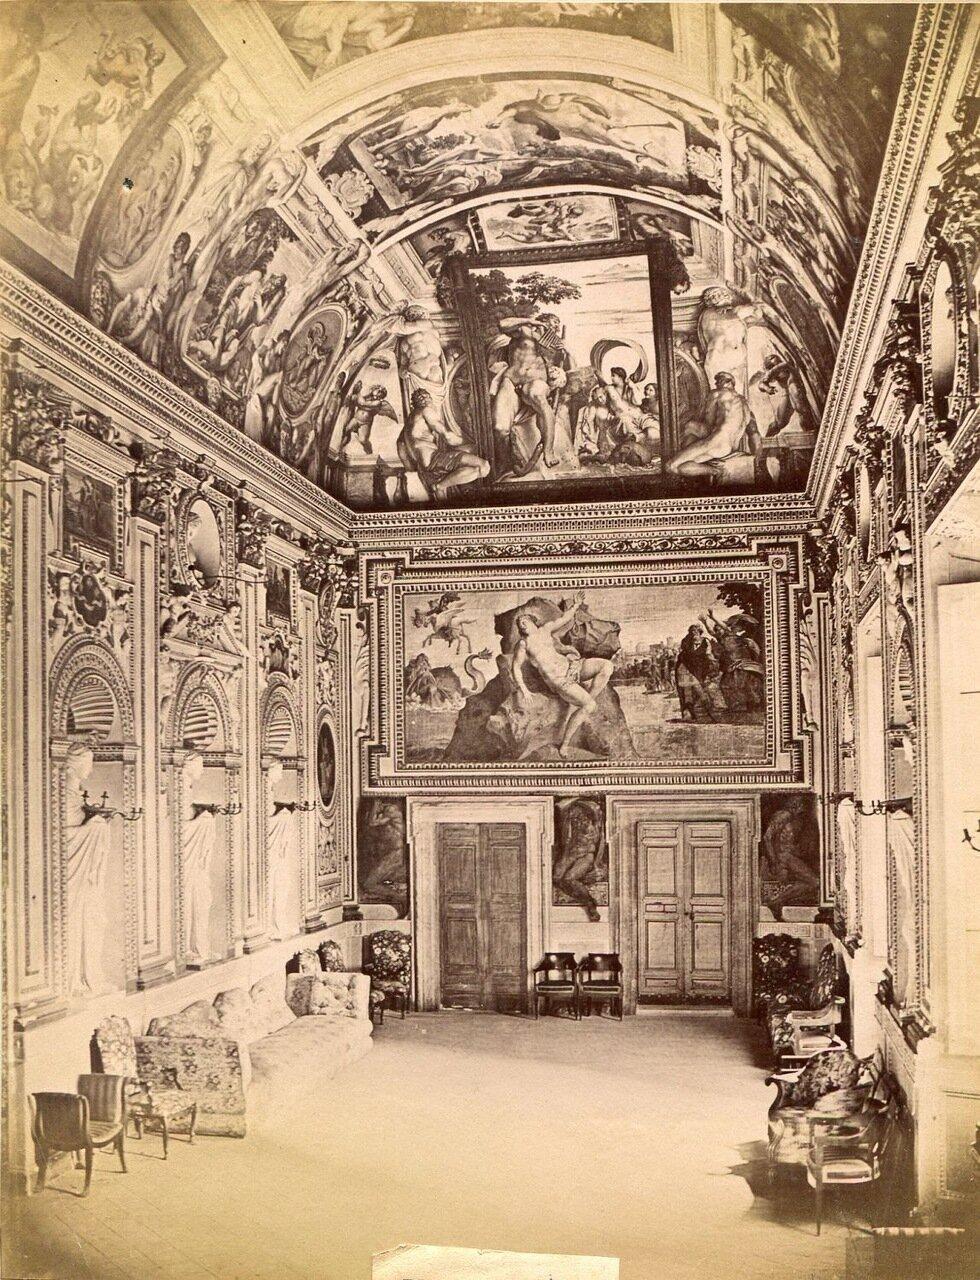 Зал в Палаццо Фарнезе. 1880